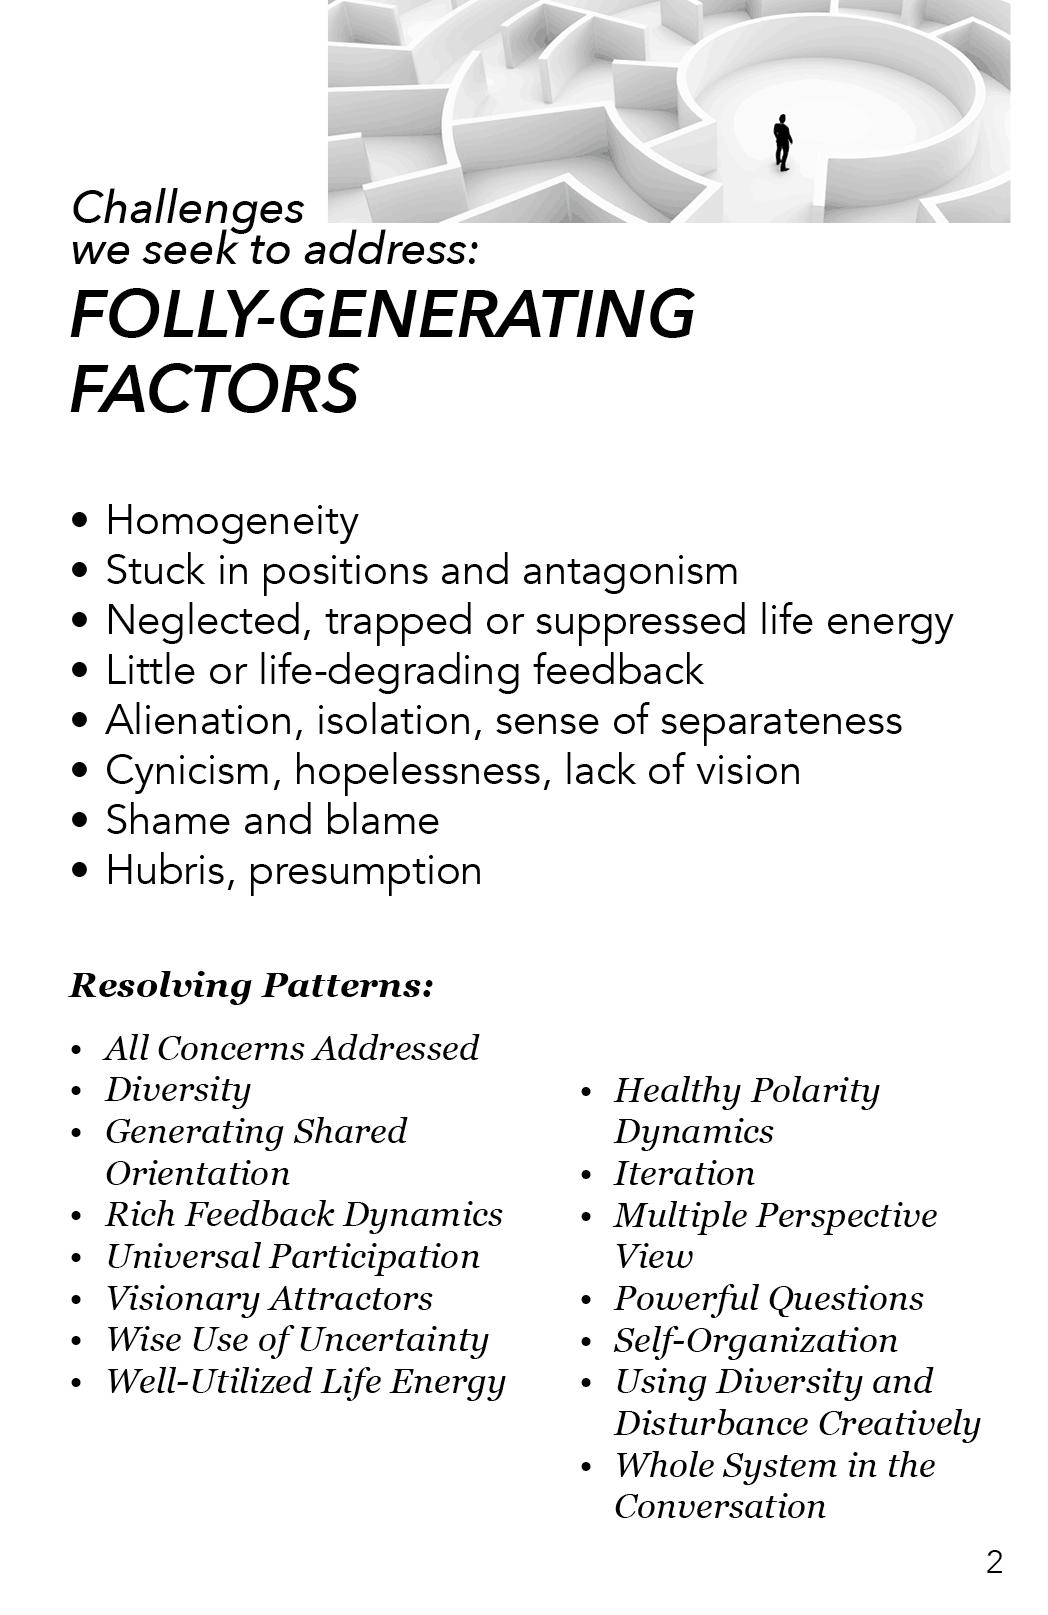 AAA - Folly Generating Factors